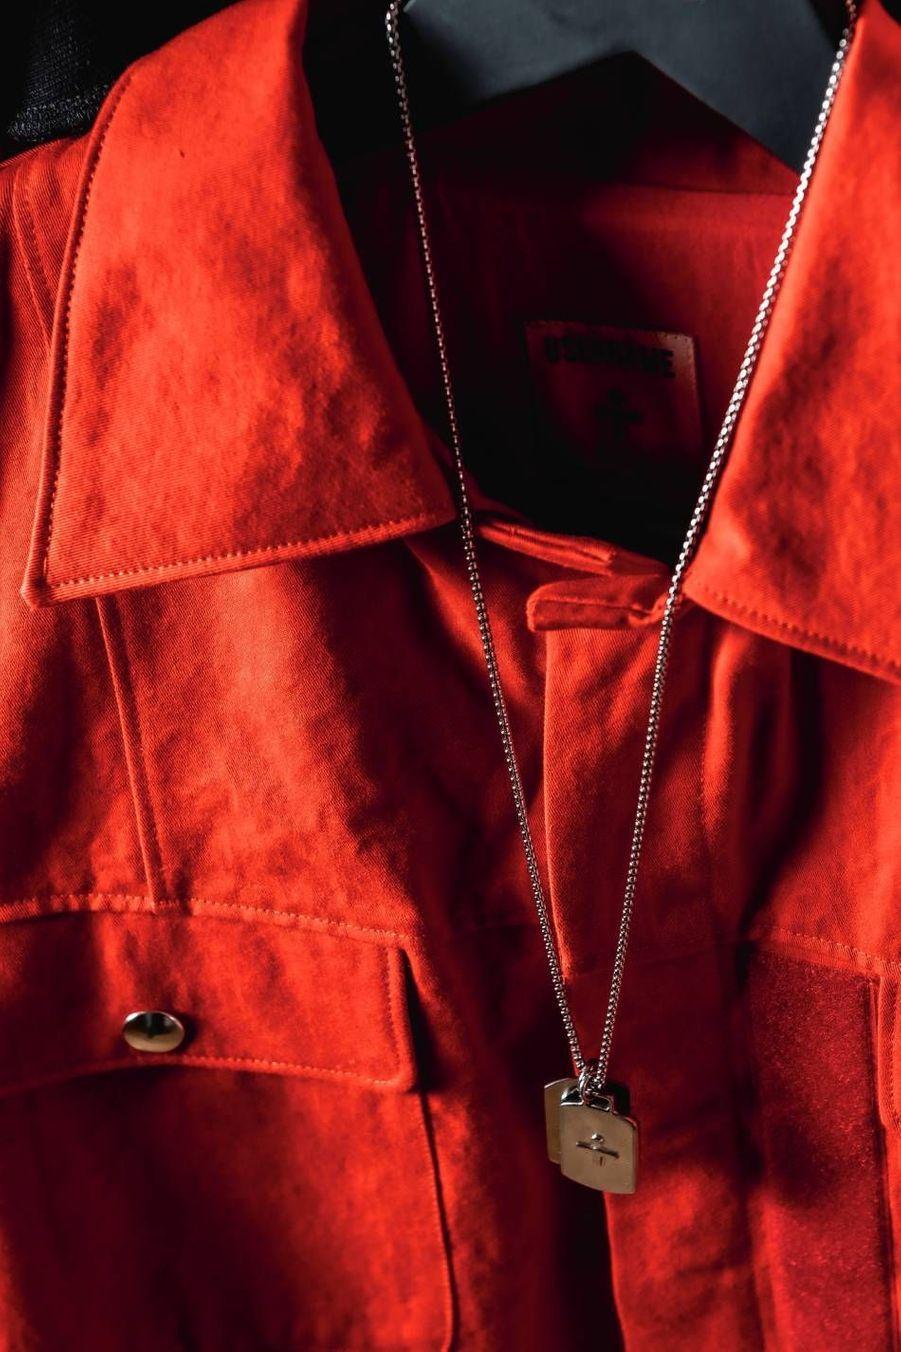 Username, c'est aussi une ligne de bijoux avec des pendentifs façon plaques militaires et des chevalières en argent.